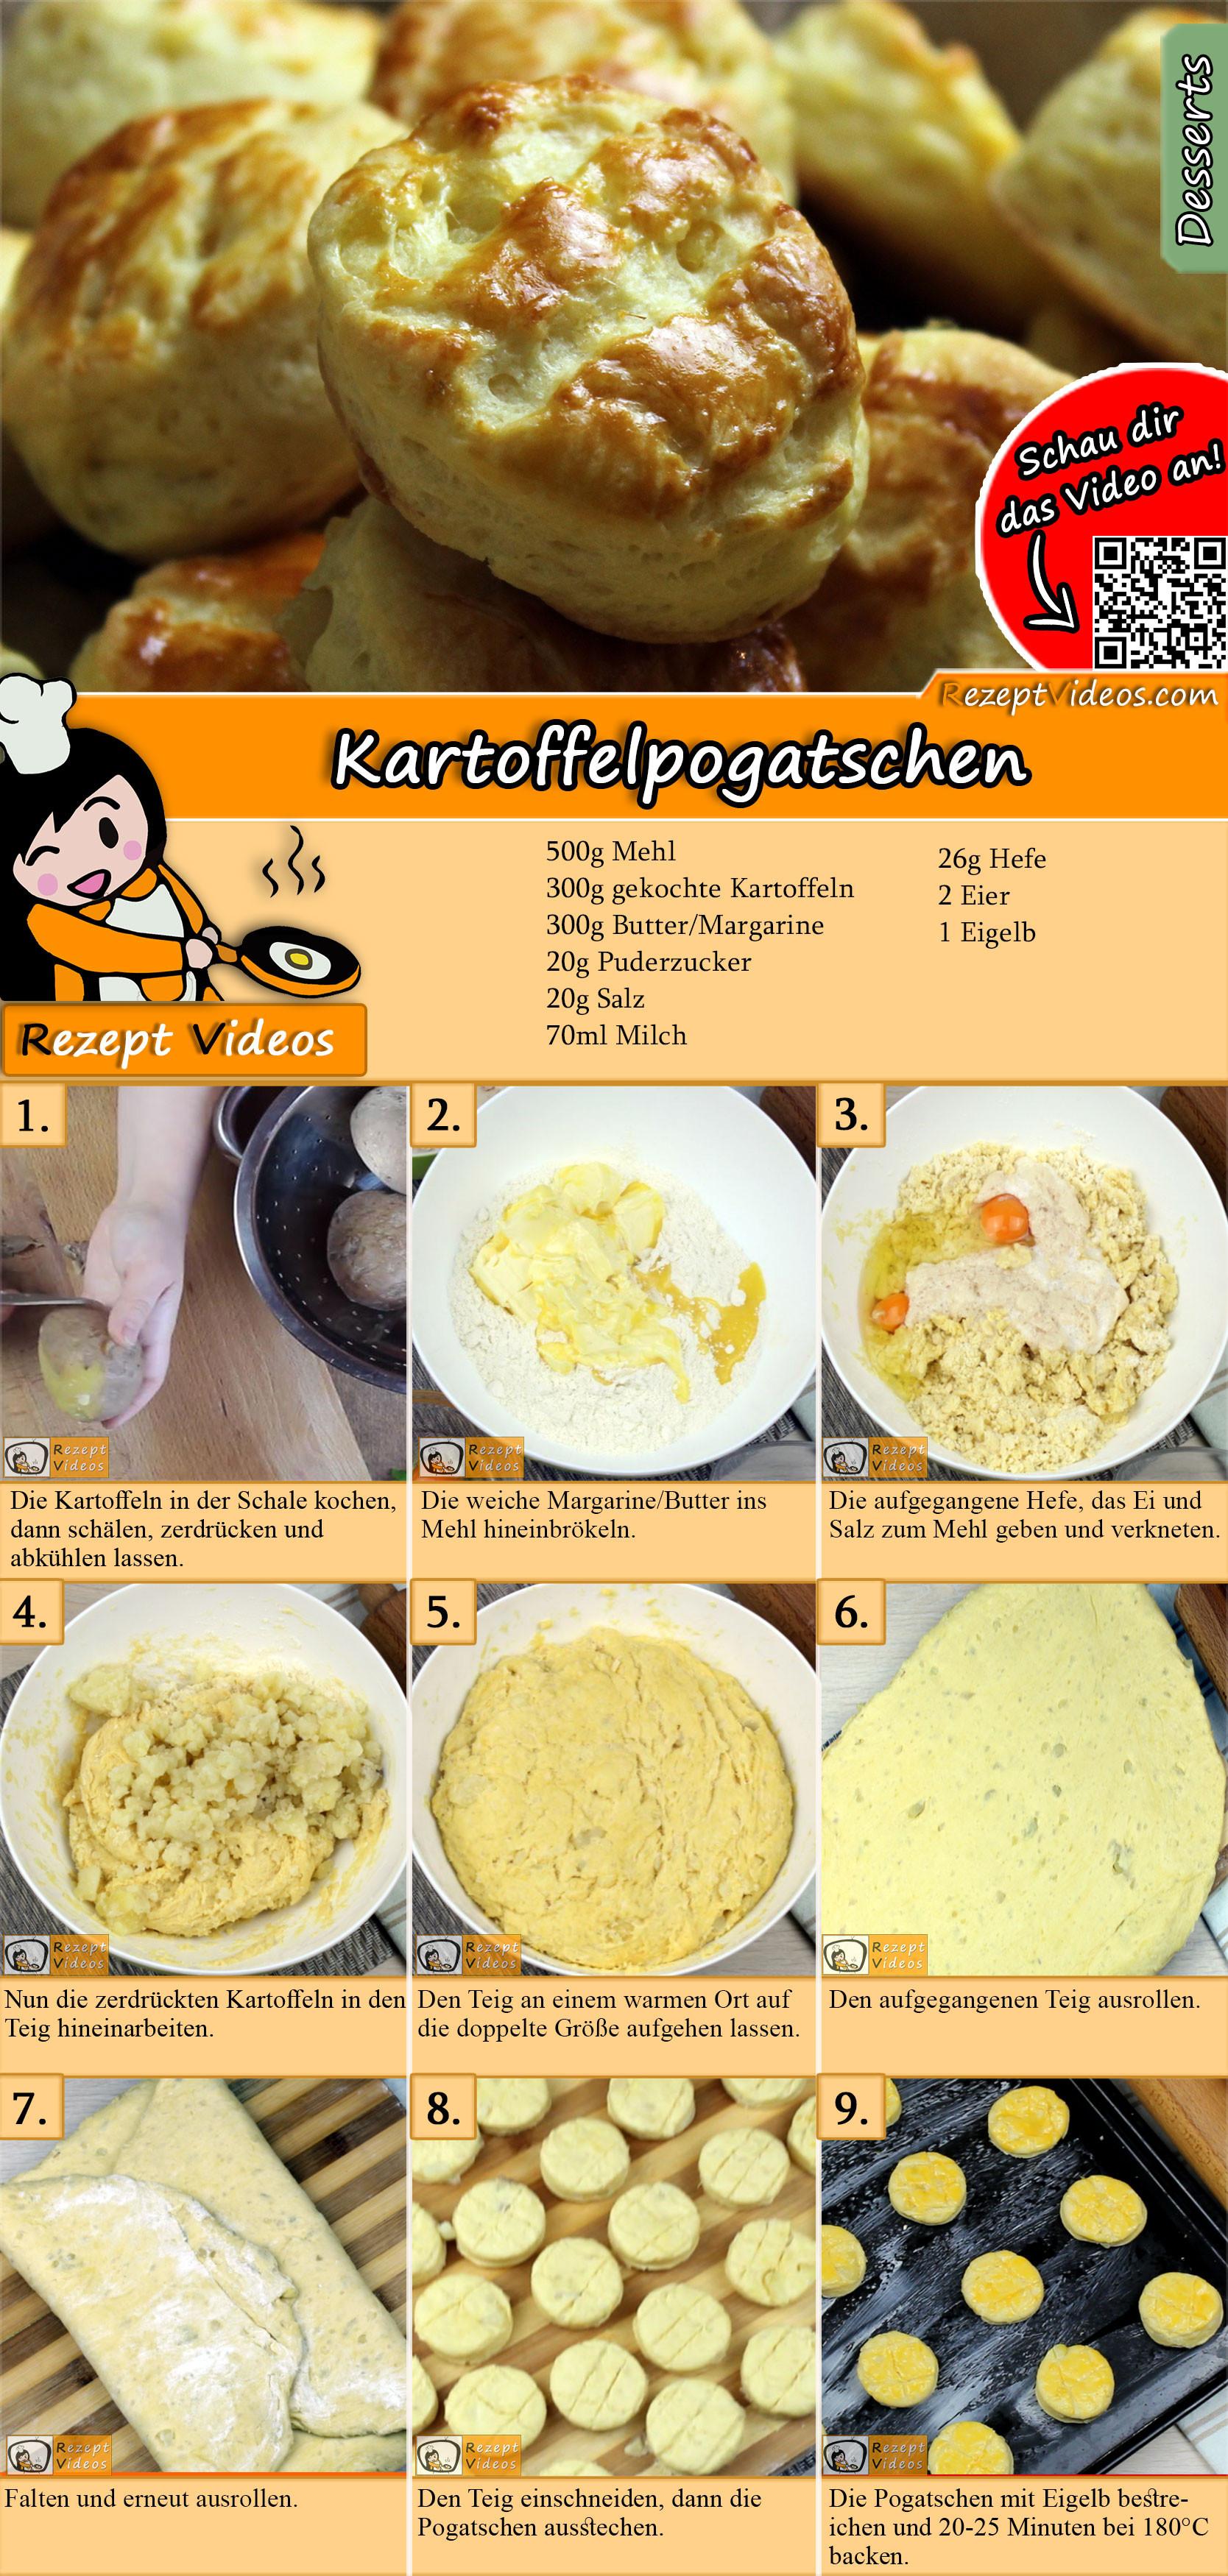 Kartoffelpogatschen Rezept mit Video